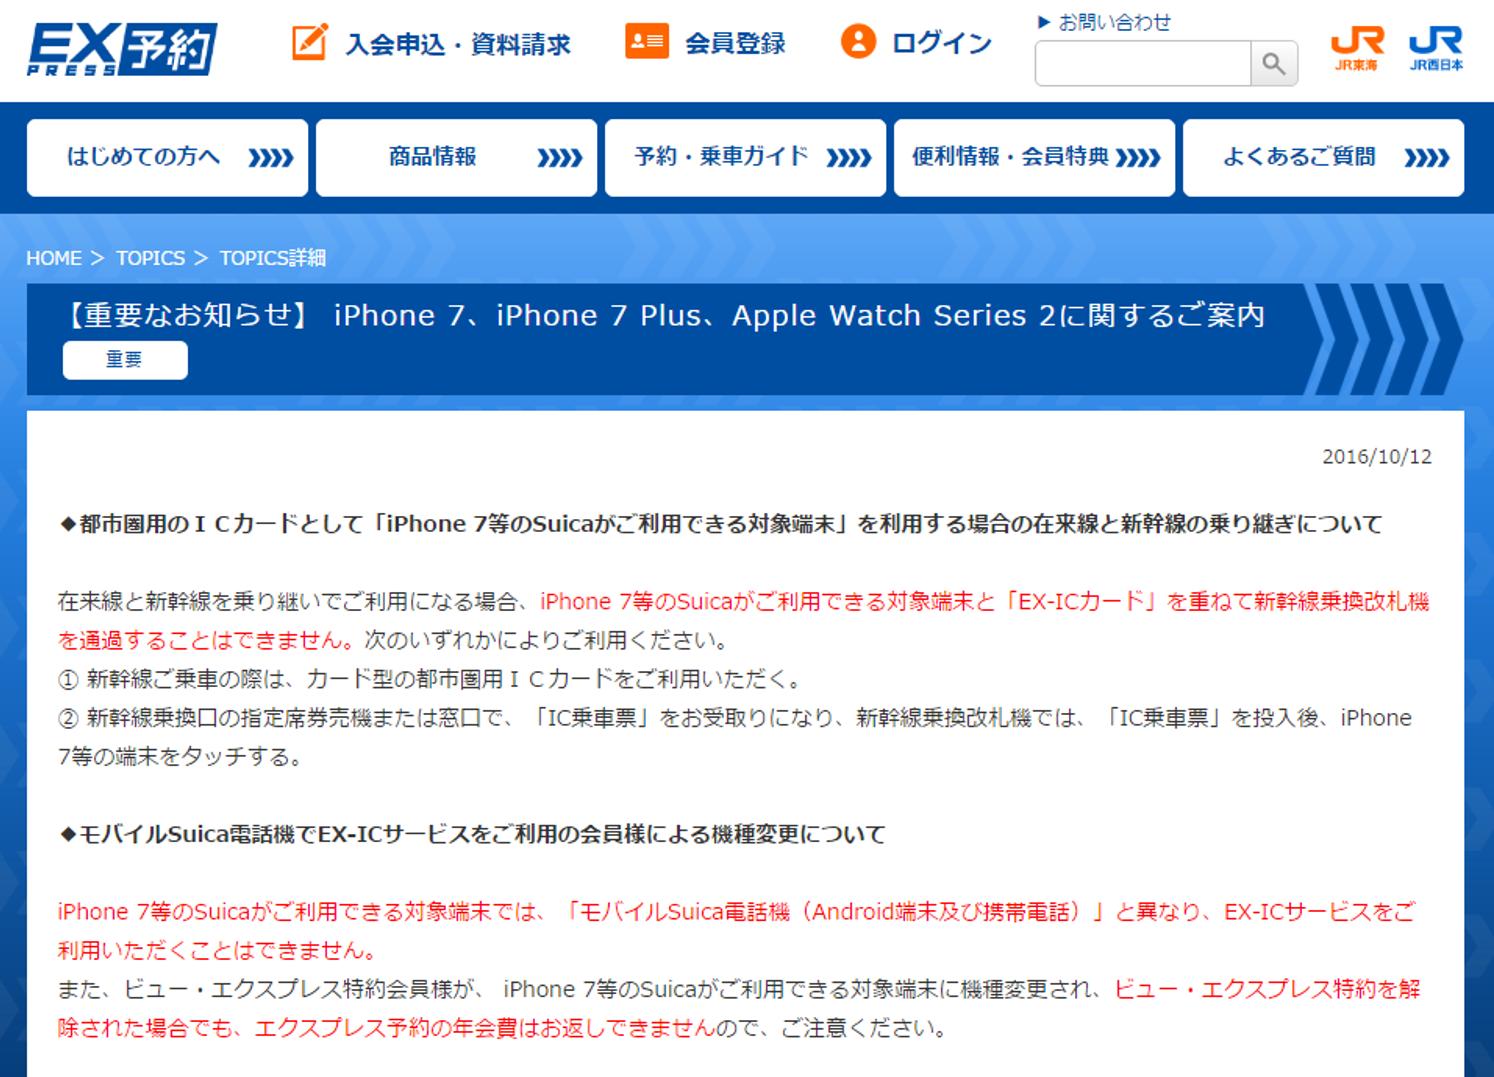 JR東海がiPhone7などApple payのエクスプレス予約の対応を明らかに。Apple payのSuicaとEX-ICを重ねての使用はできない